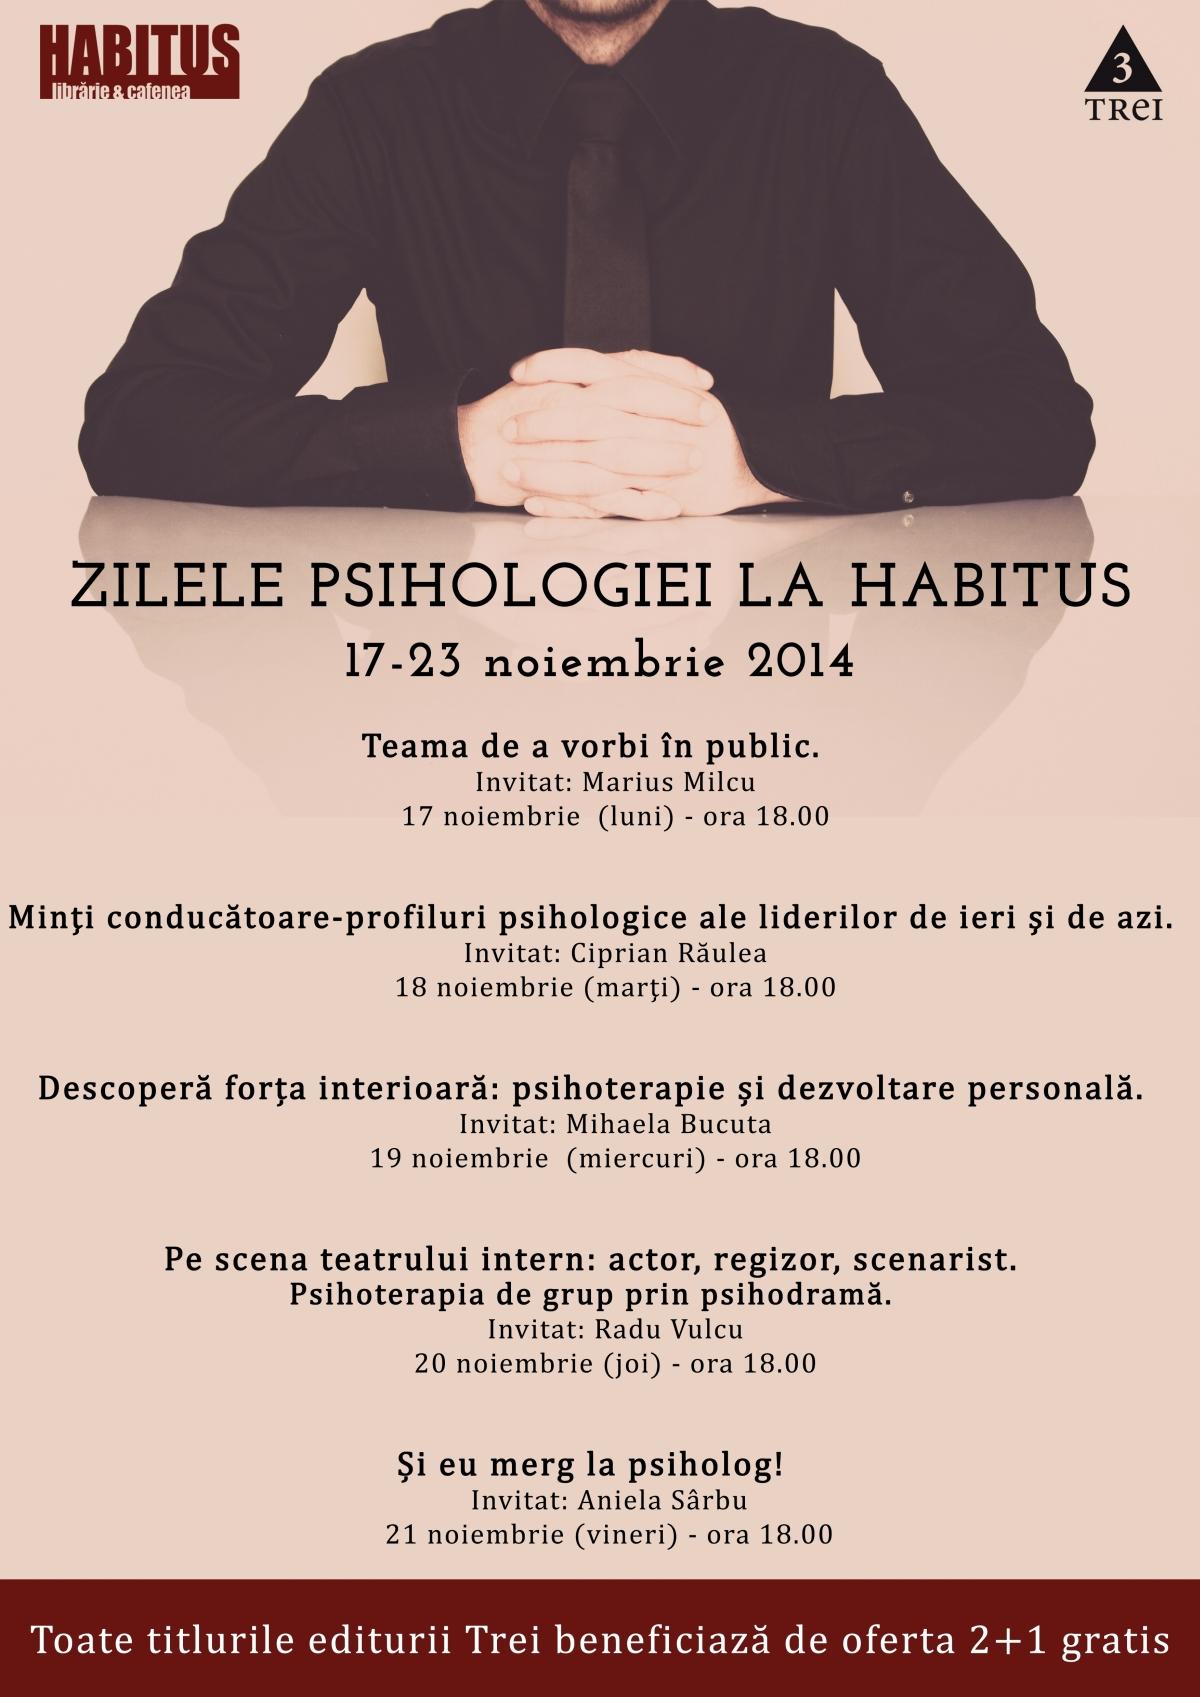 zilele psihologiei ed trei Habitus